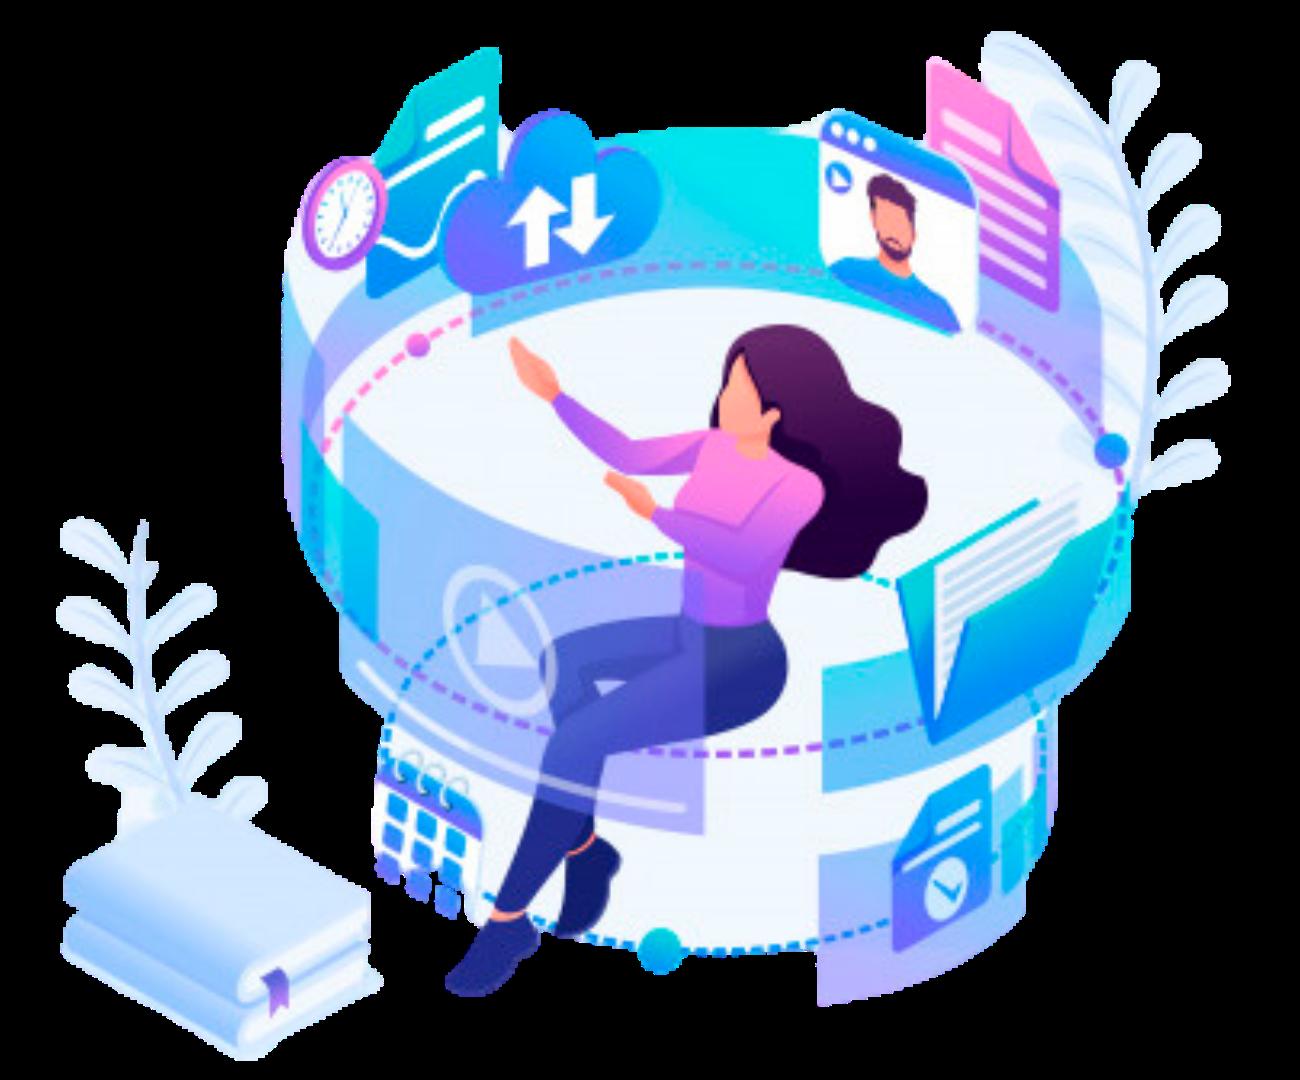 Mentoria Clínica® Todo Dia - Plataforma Digital de Saúde Mental Biopsicossocial com Álex Cavalcante Neuropsicoterapeuta